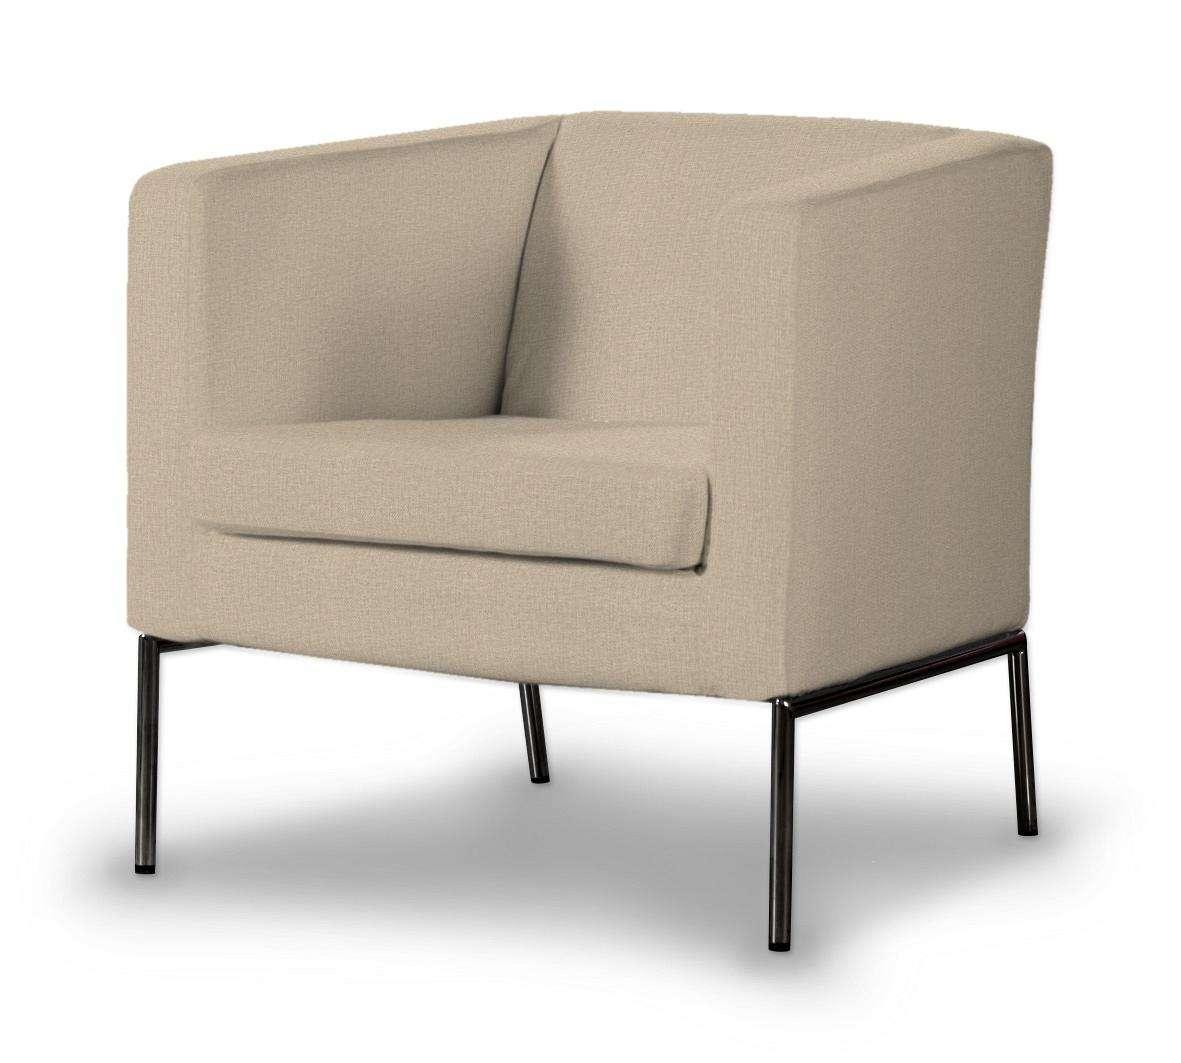 Pokrowiec na fotel Klappsta Fotel Klappsta w kolekcji Edinburgh, tkanina: 115-78